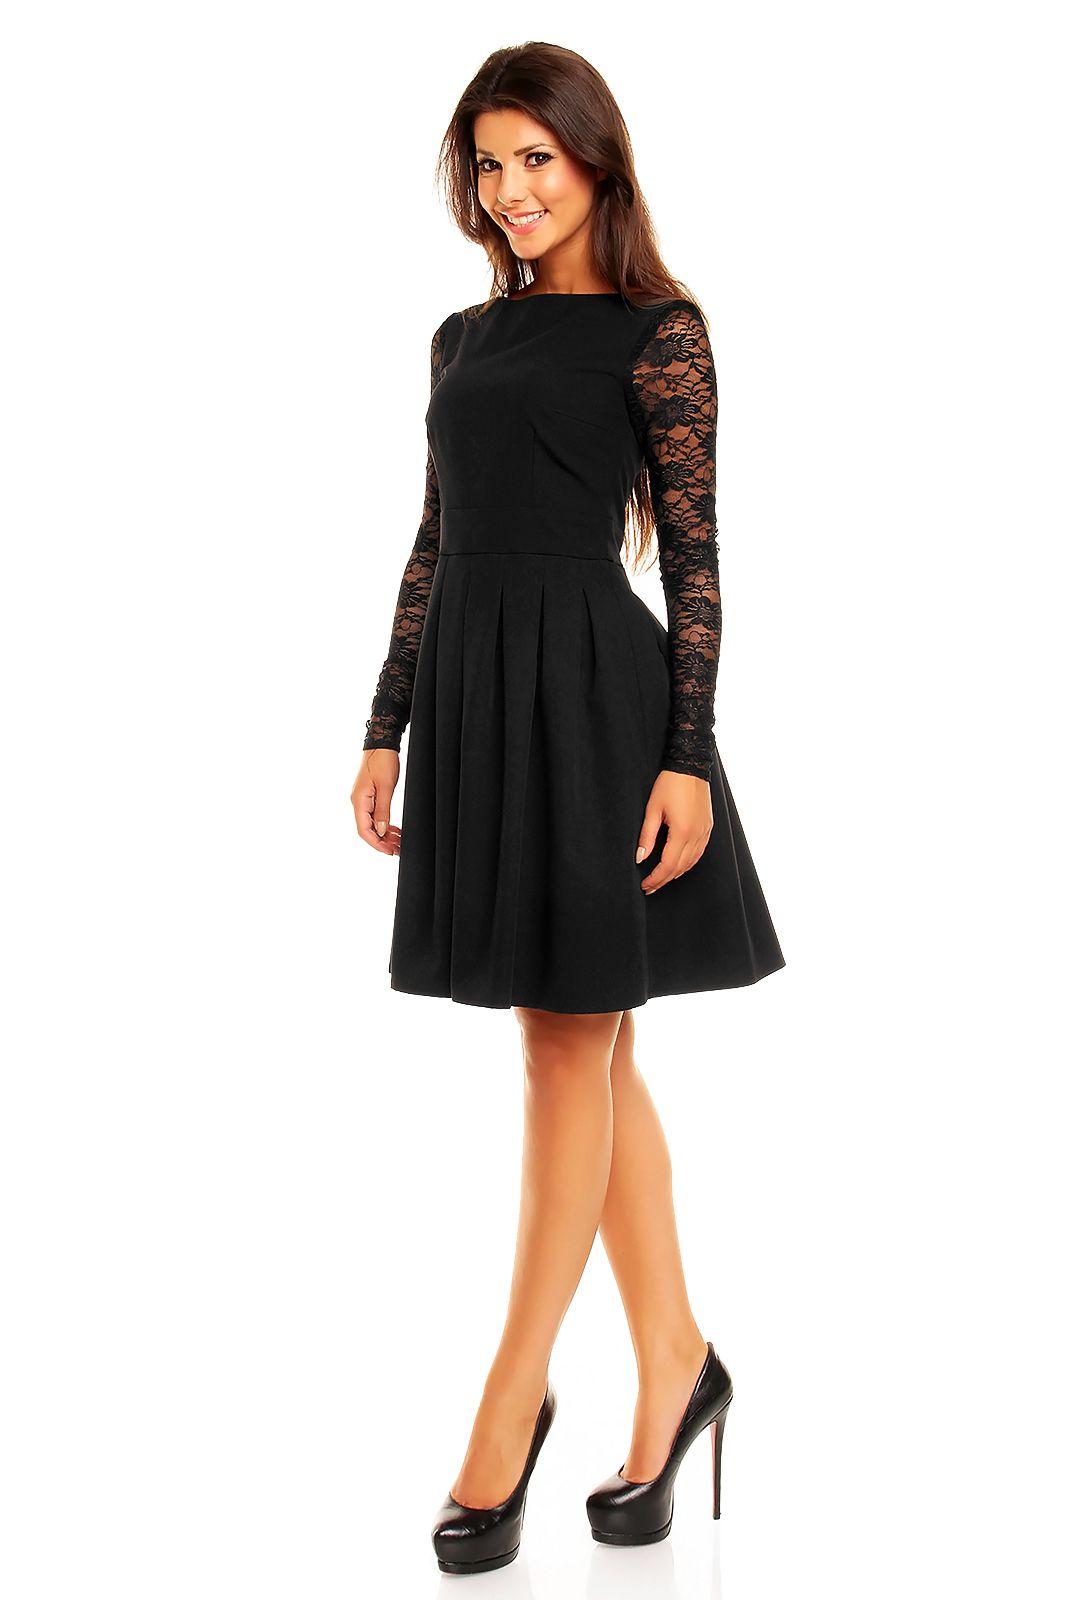 Piekna Czarna Sukienka Kontrafaldy I Koronkowe Rekawki Beautiful Black Dress Http Besima Pl